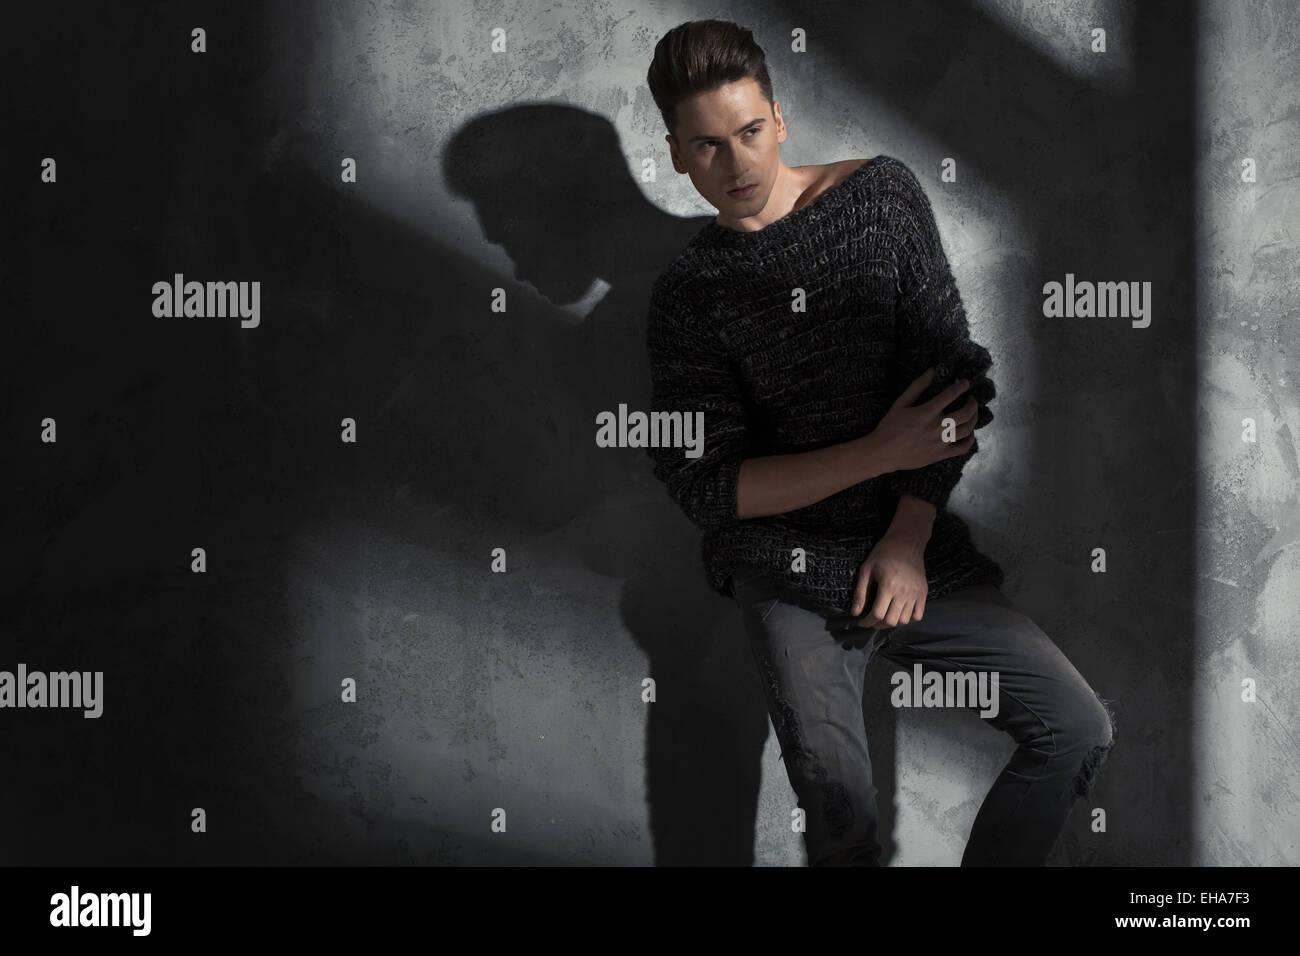 Jeune homme portant un slim pull en laine à la mode Photo Stock